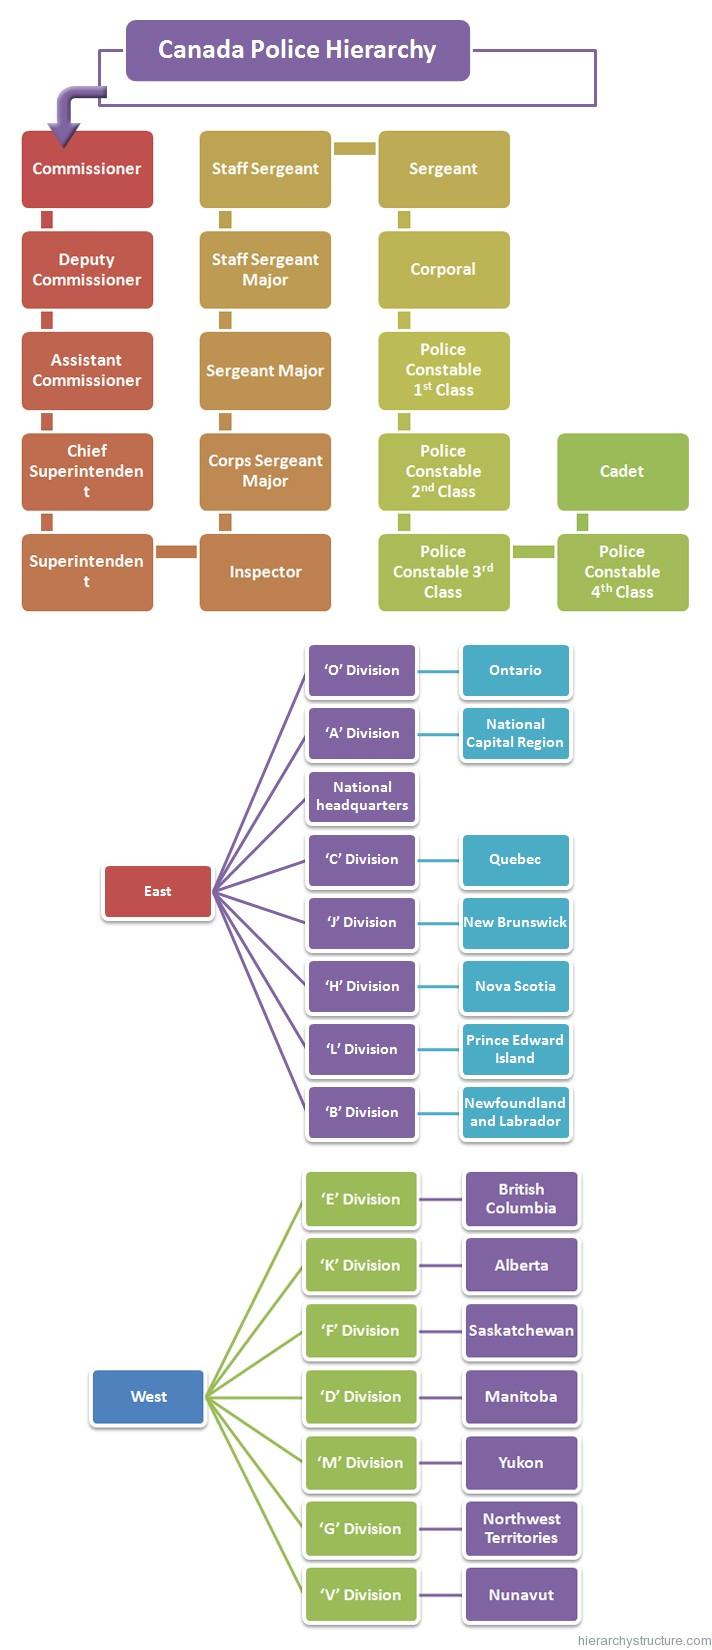 Canada Police Hierarchy